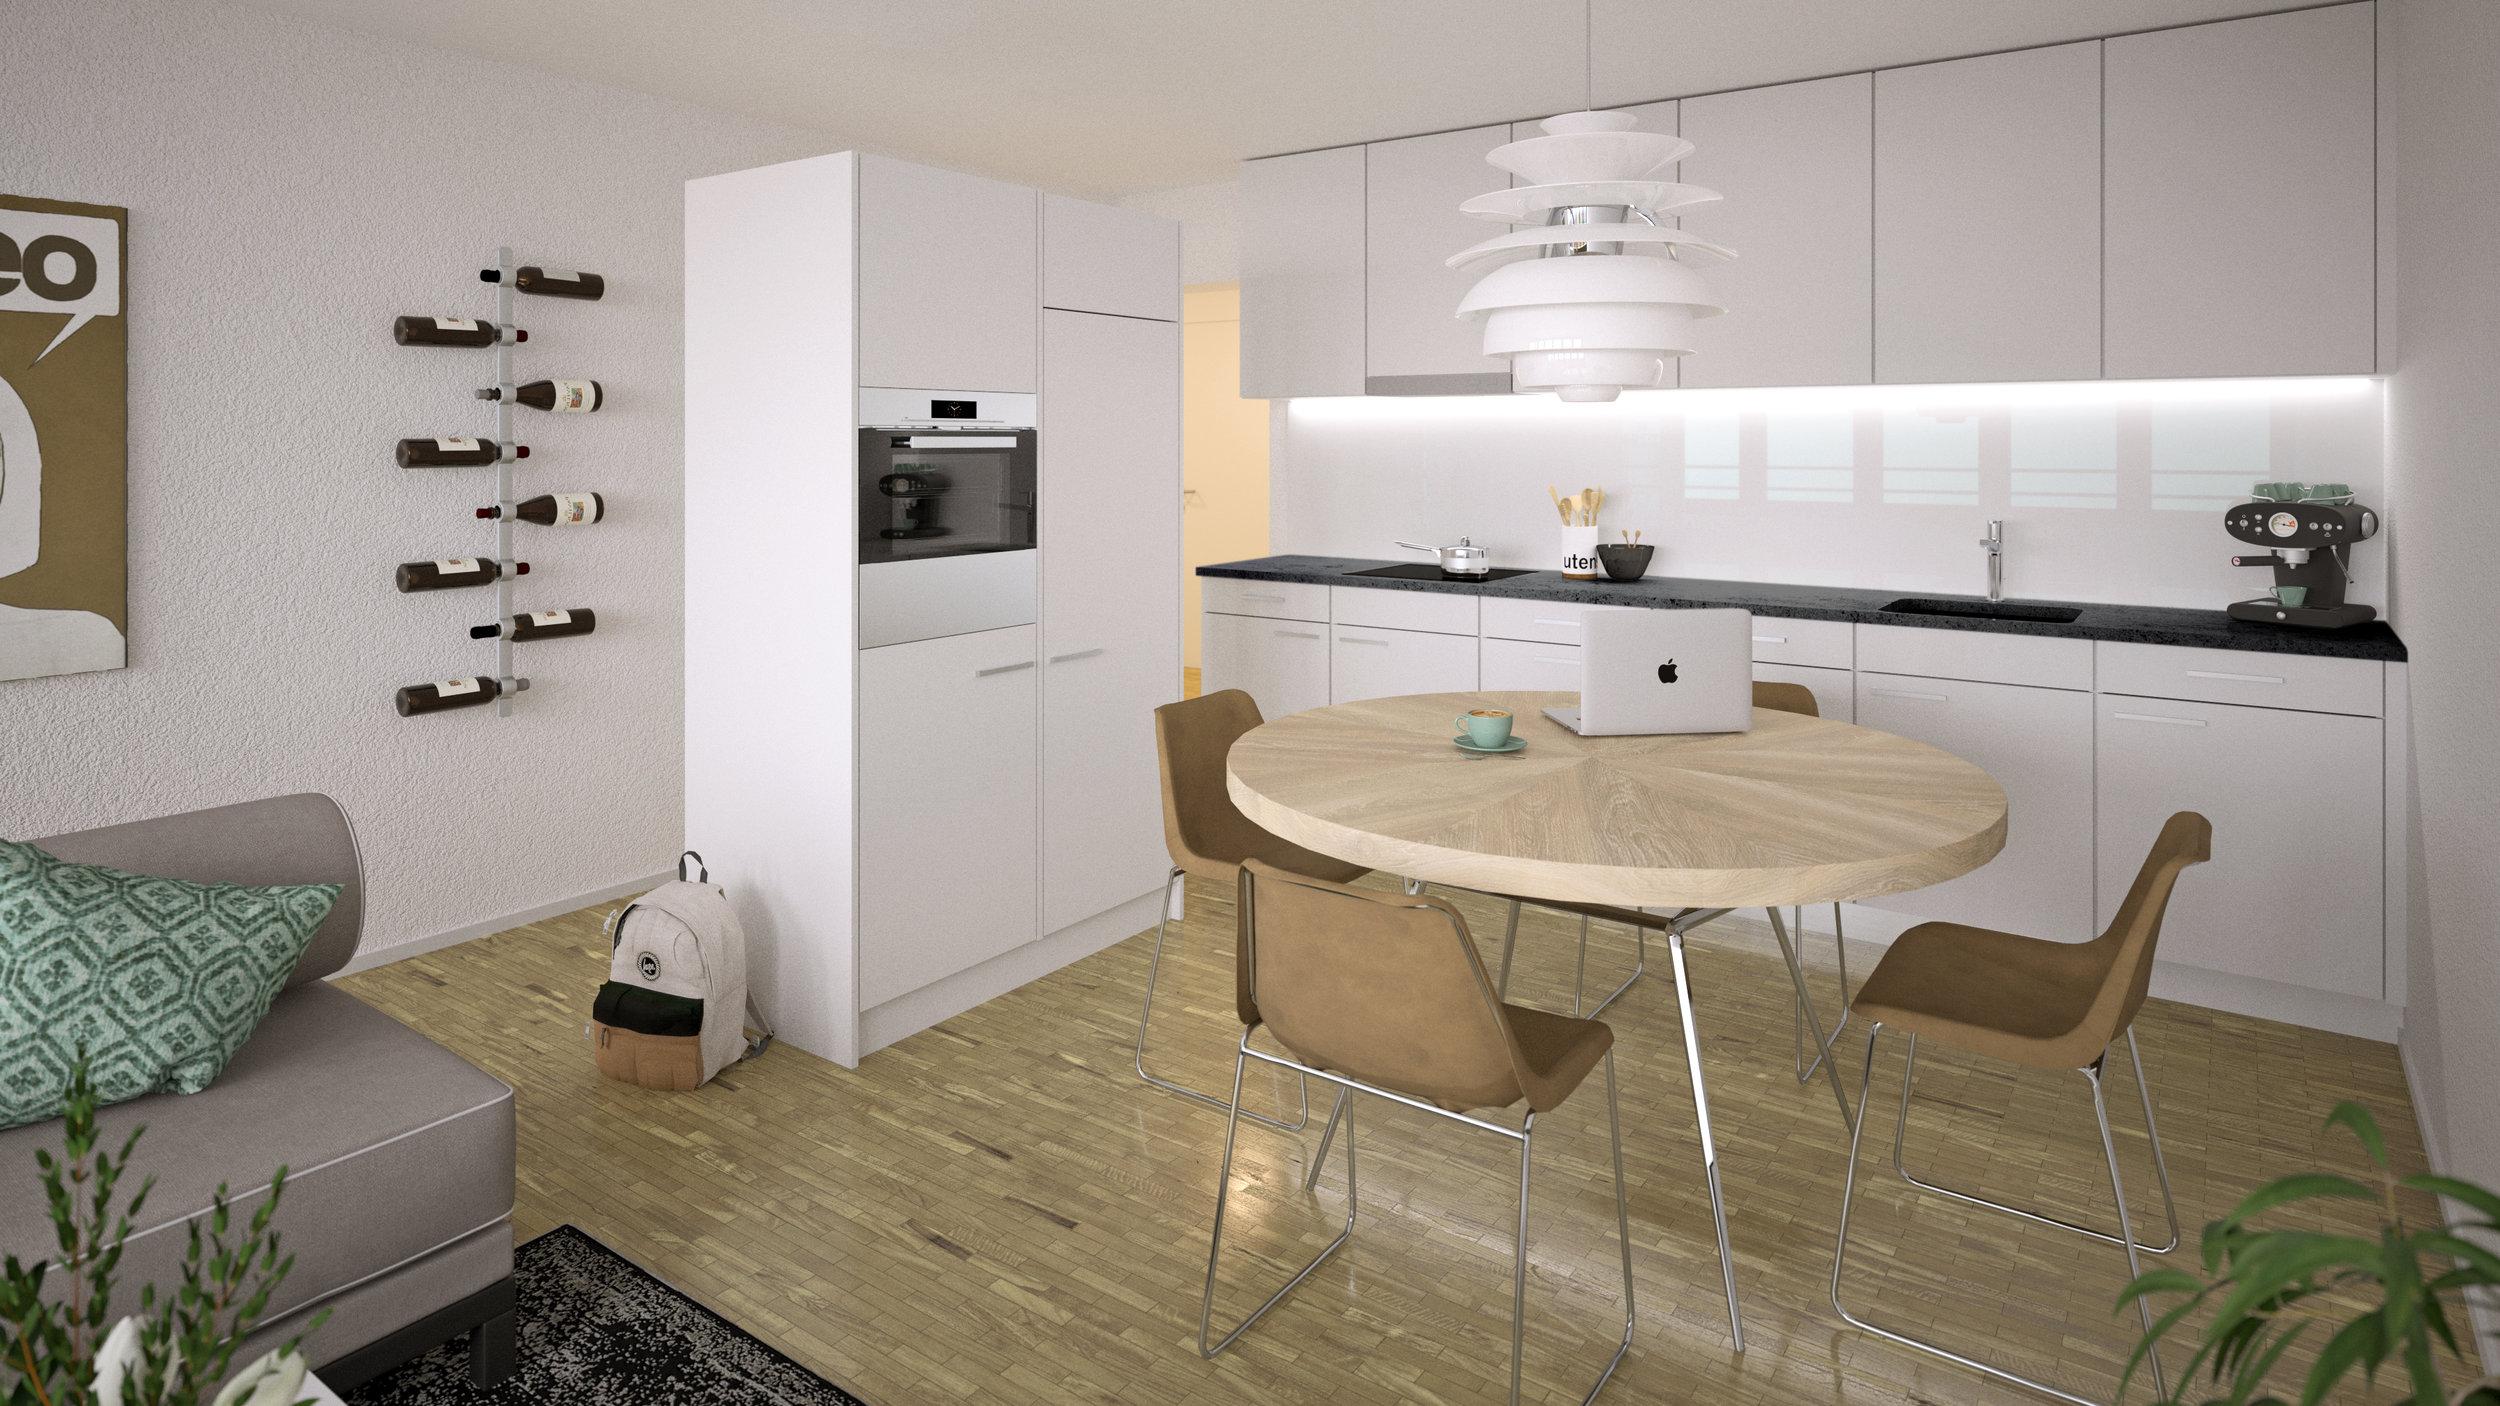 Visualiserung Küche, Eingangsbereich